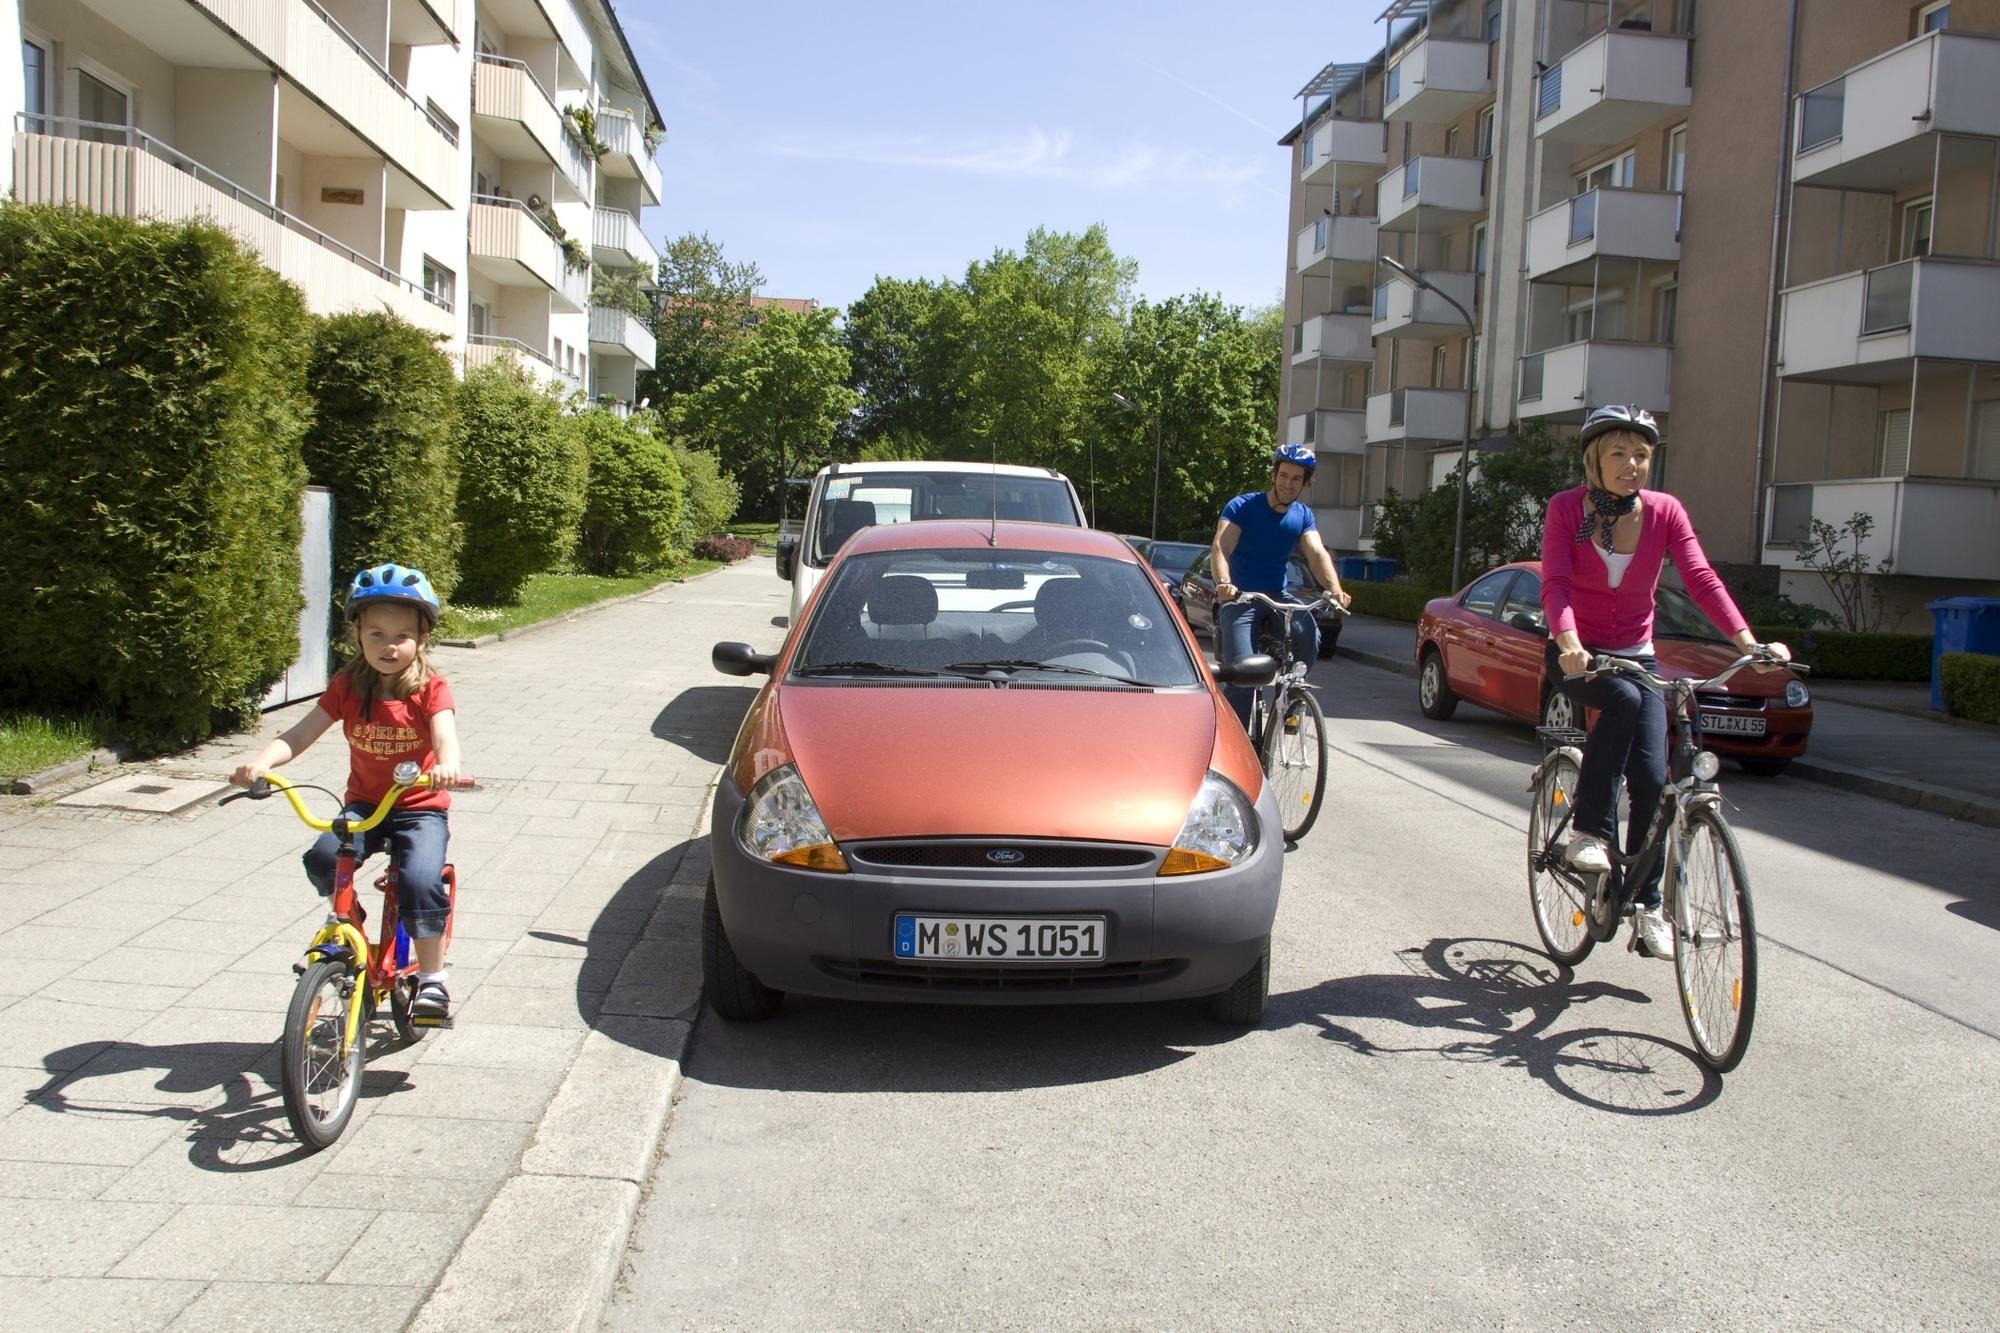 Ratgeber: Radfahrende Kinder im Straßenverkehr - Erstmal auf den Gehweg